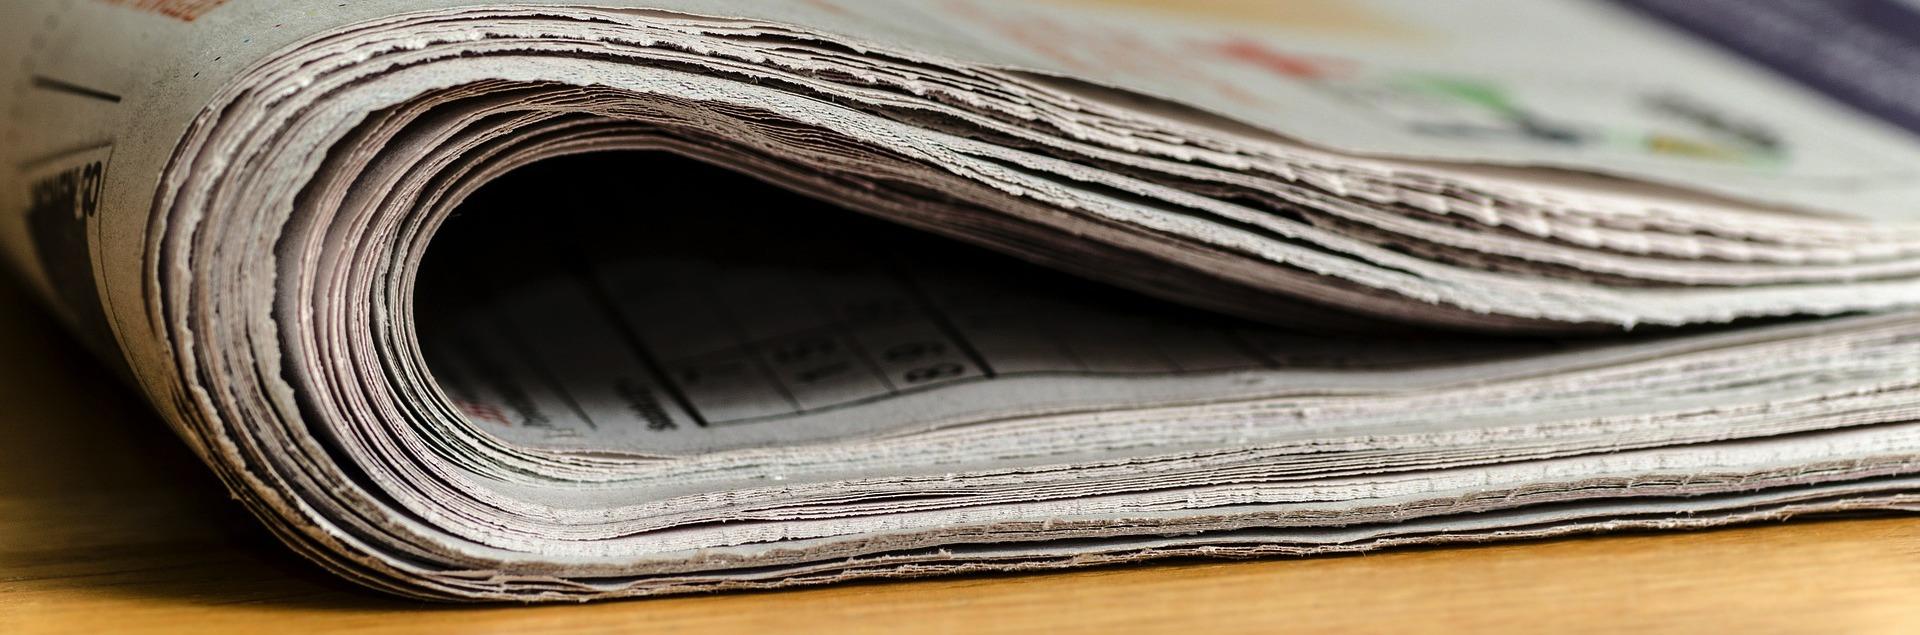 nieuwsbrieven schrijven voor meer contact met klanten en klantenbinding